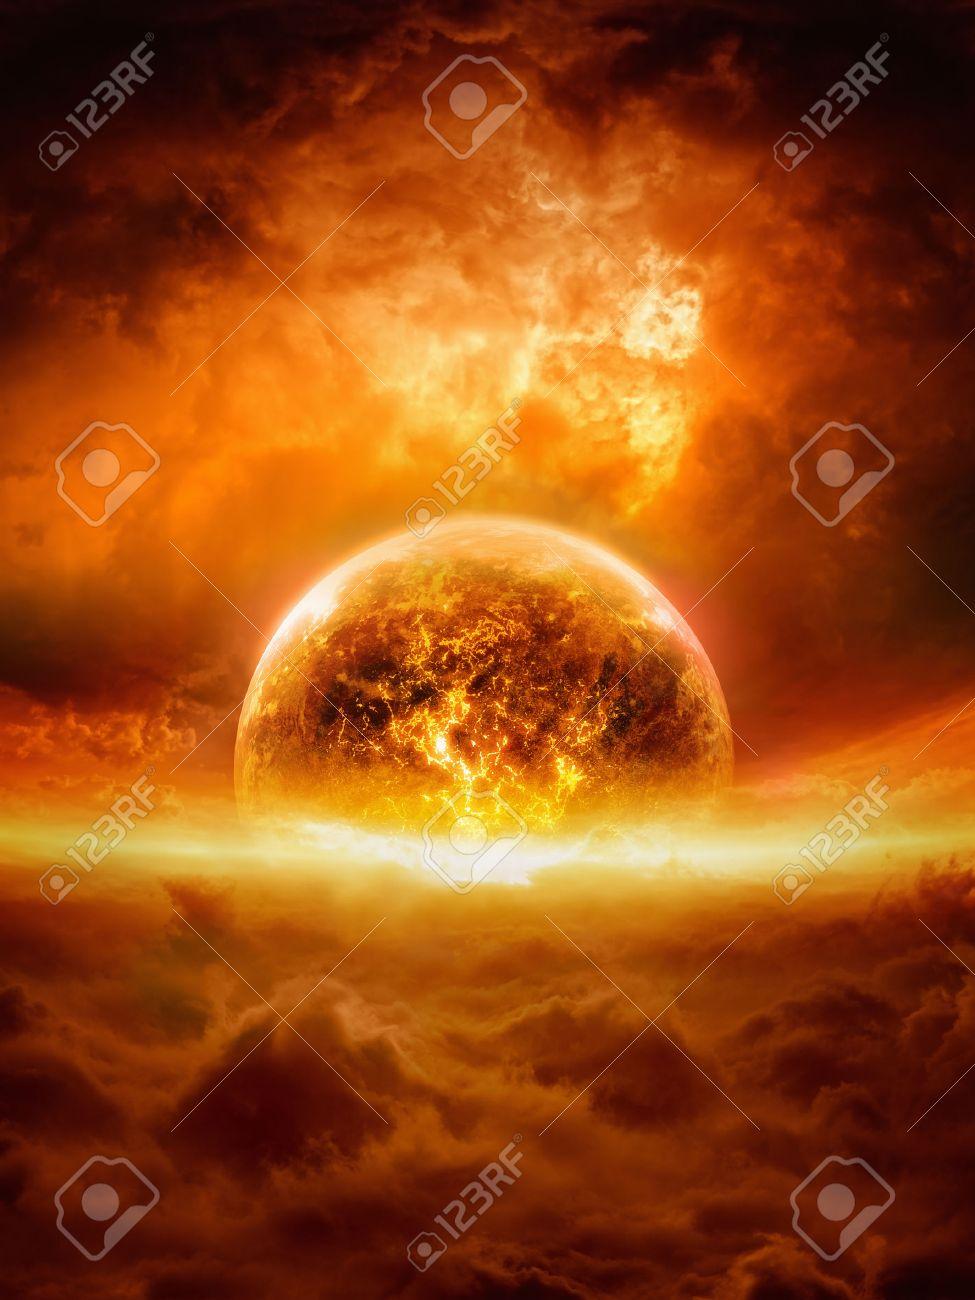 Inferno Em Chamas Beautiful fundo apocalíptico abstract - queimando e explodindo o planeta